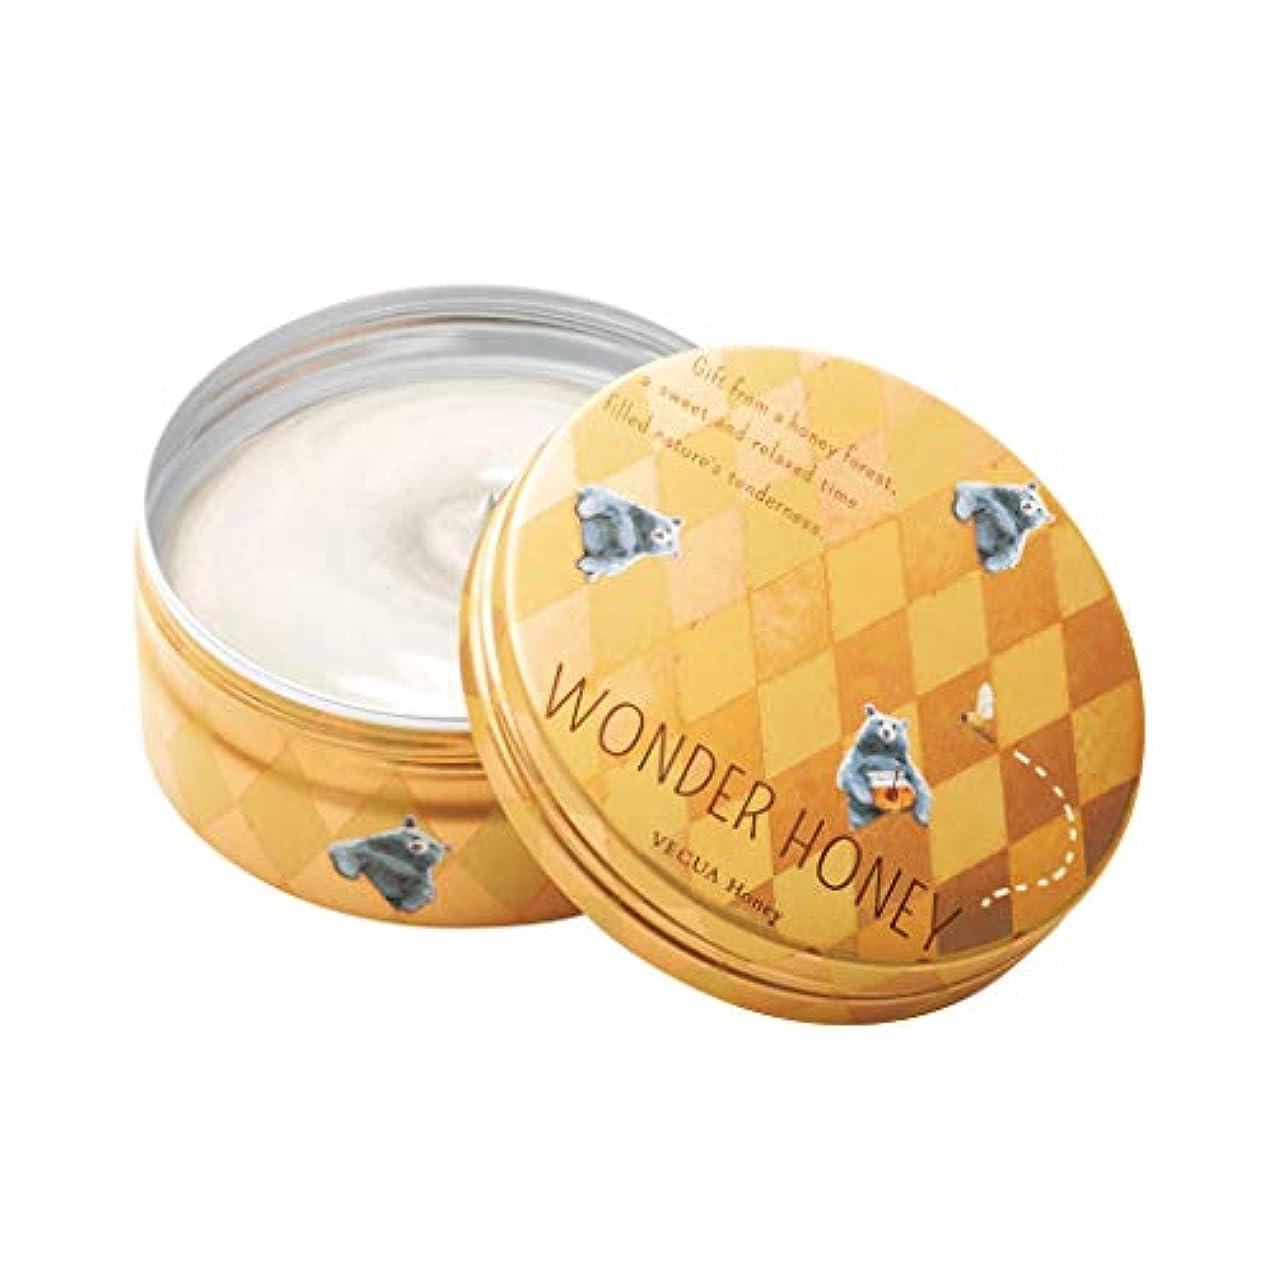 虫を数える変化ドライベキュア ハニー(VECUA Honey) ワンダーハニー 濃蜜マルシェのクリームバーム アーガイル 75g